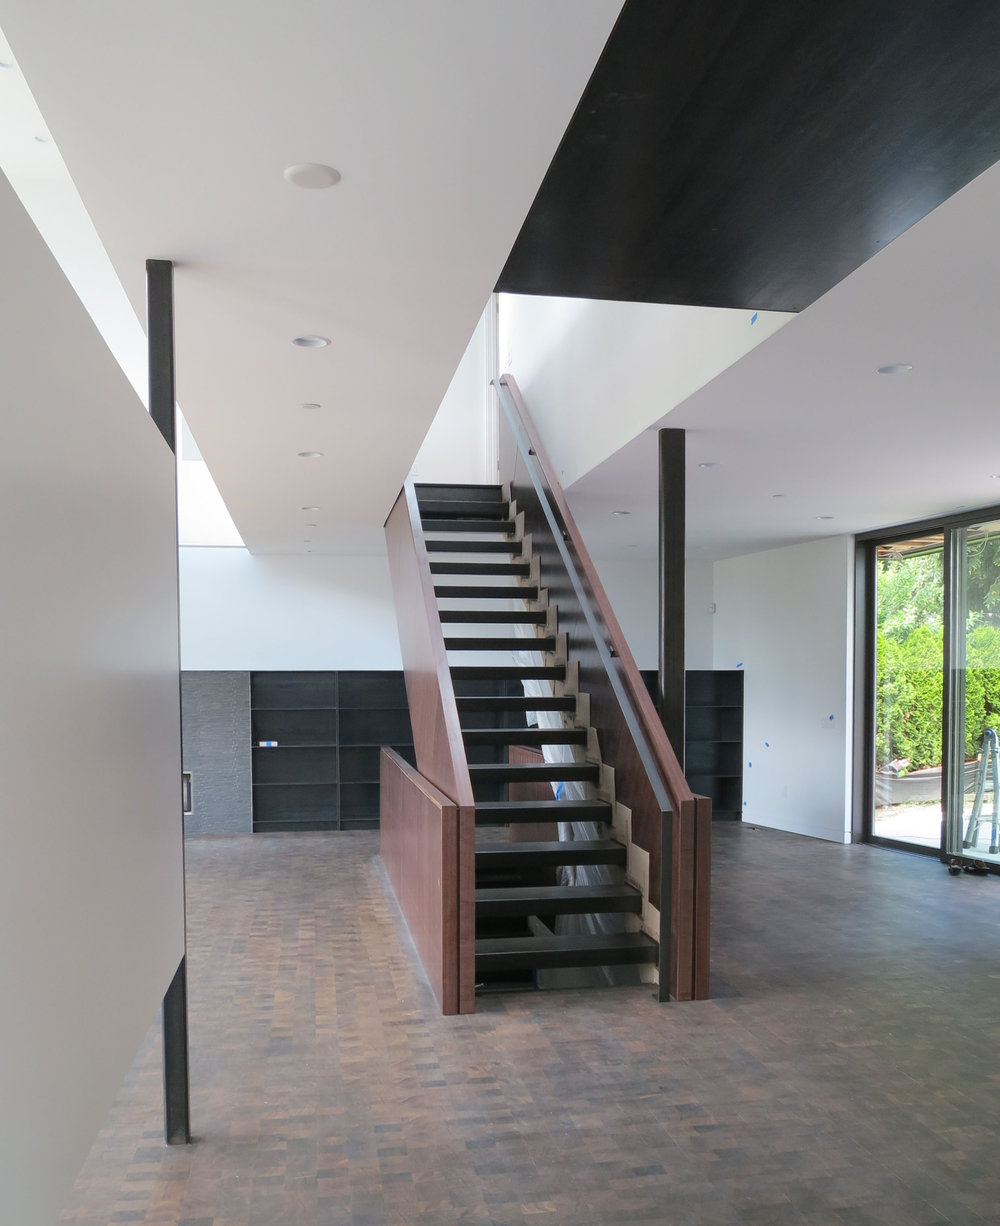 teh stairs.jpg